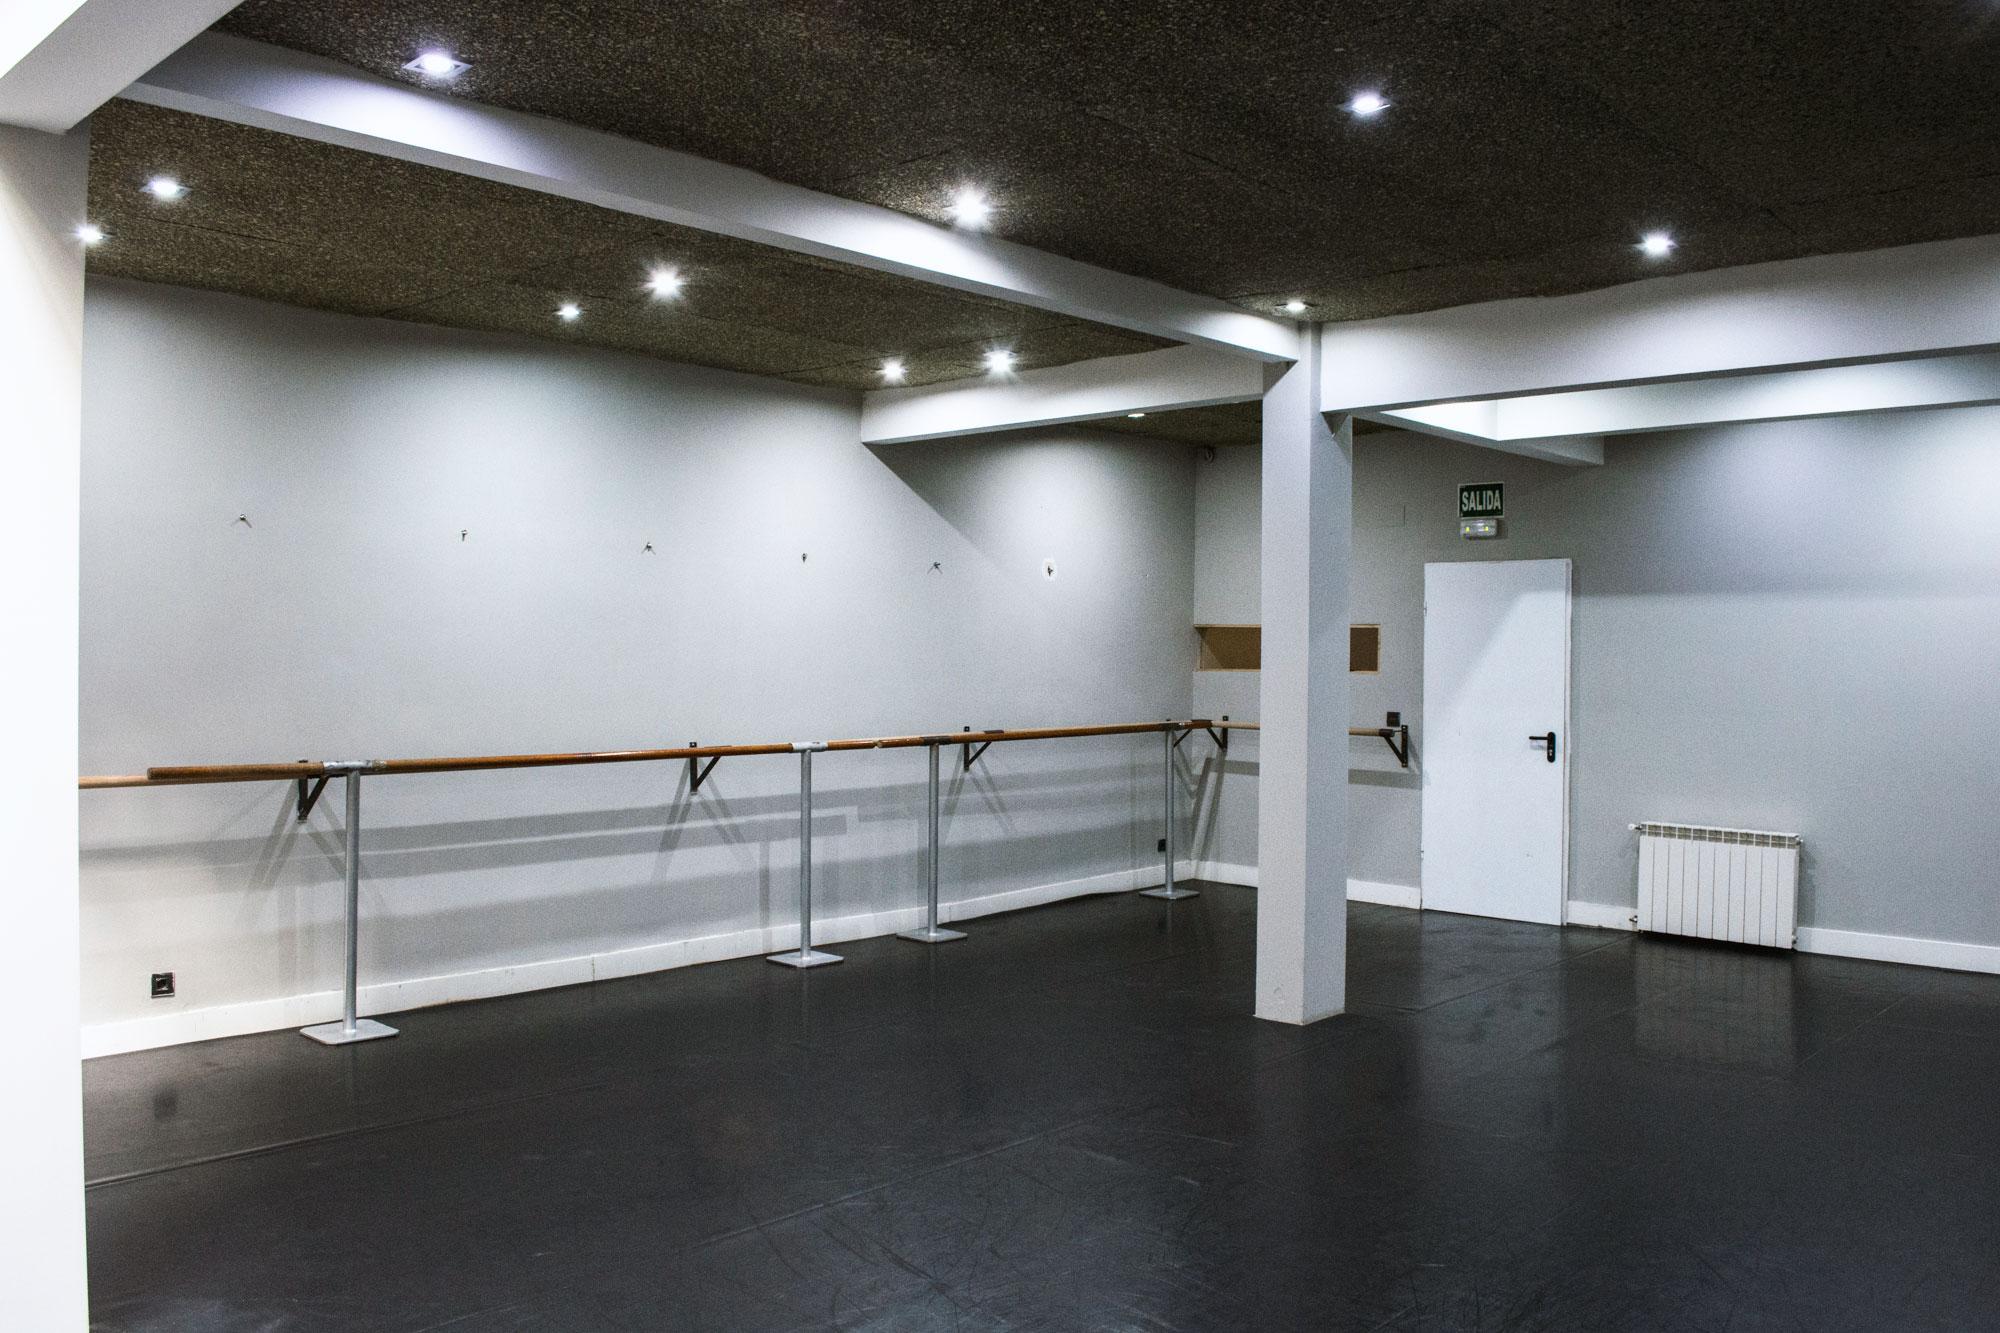 Sala 2 - El Patio